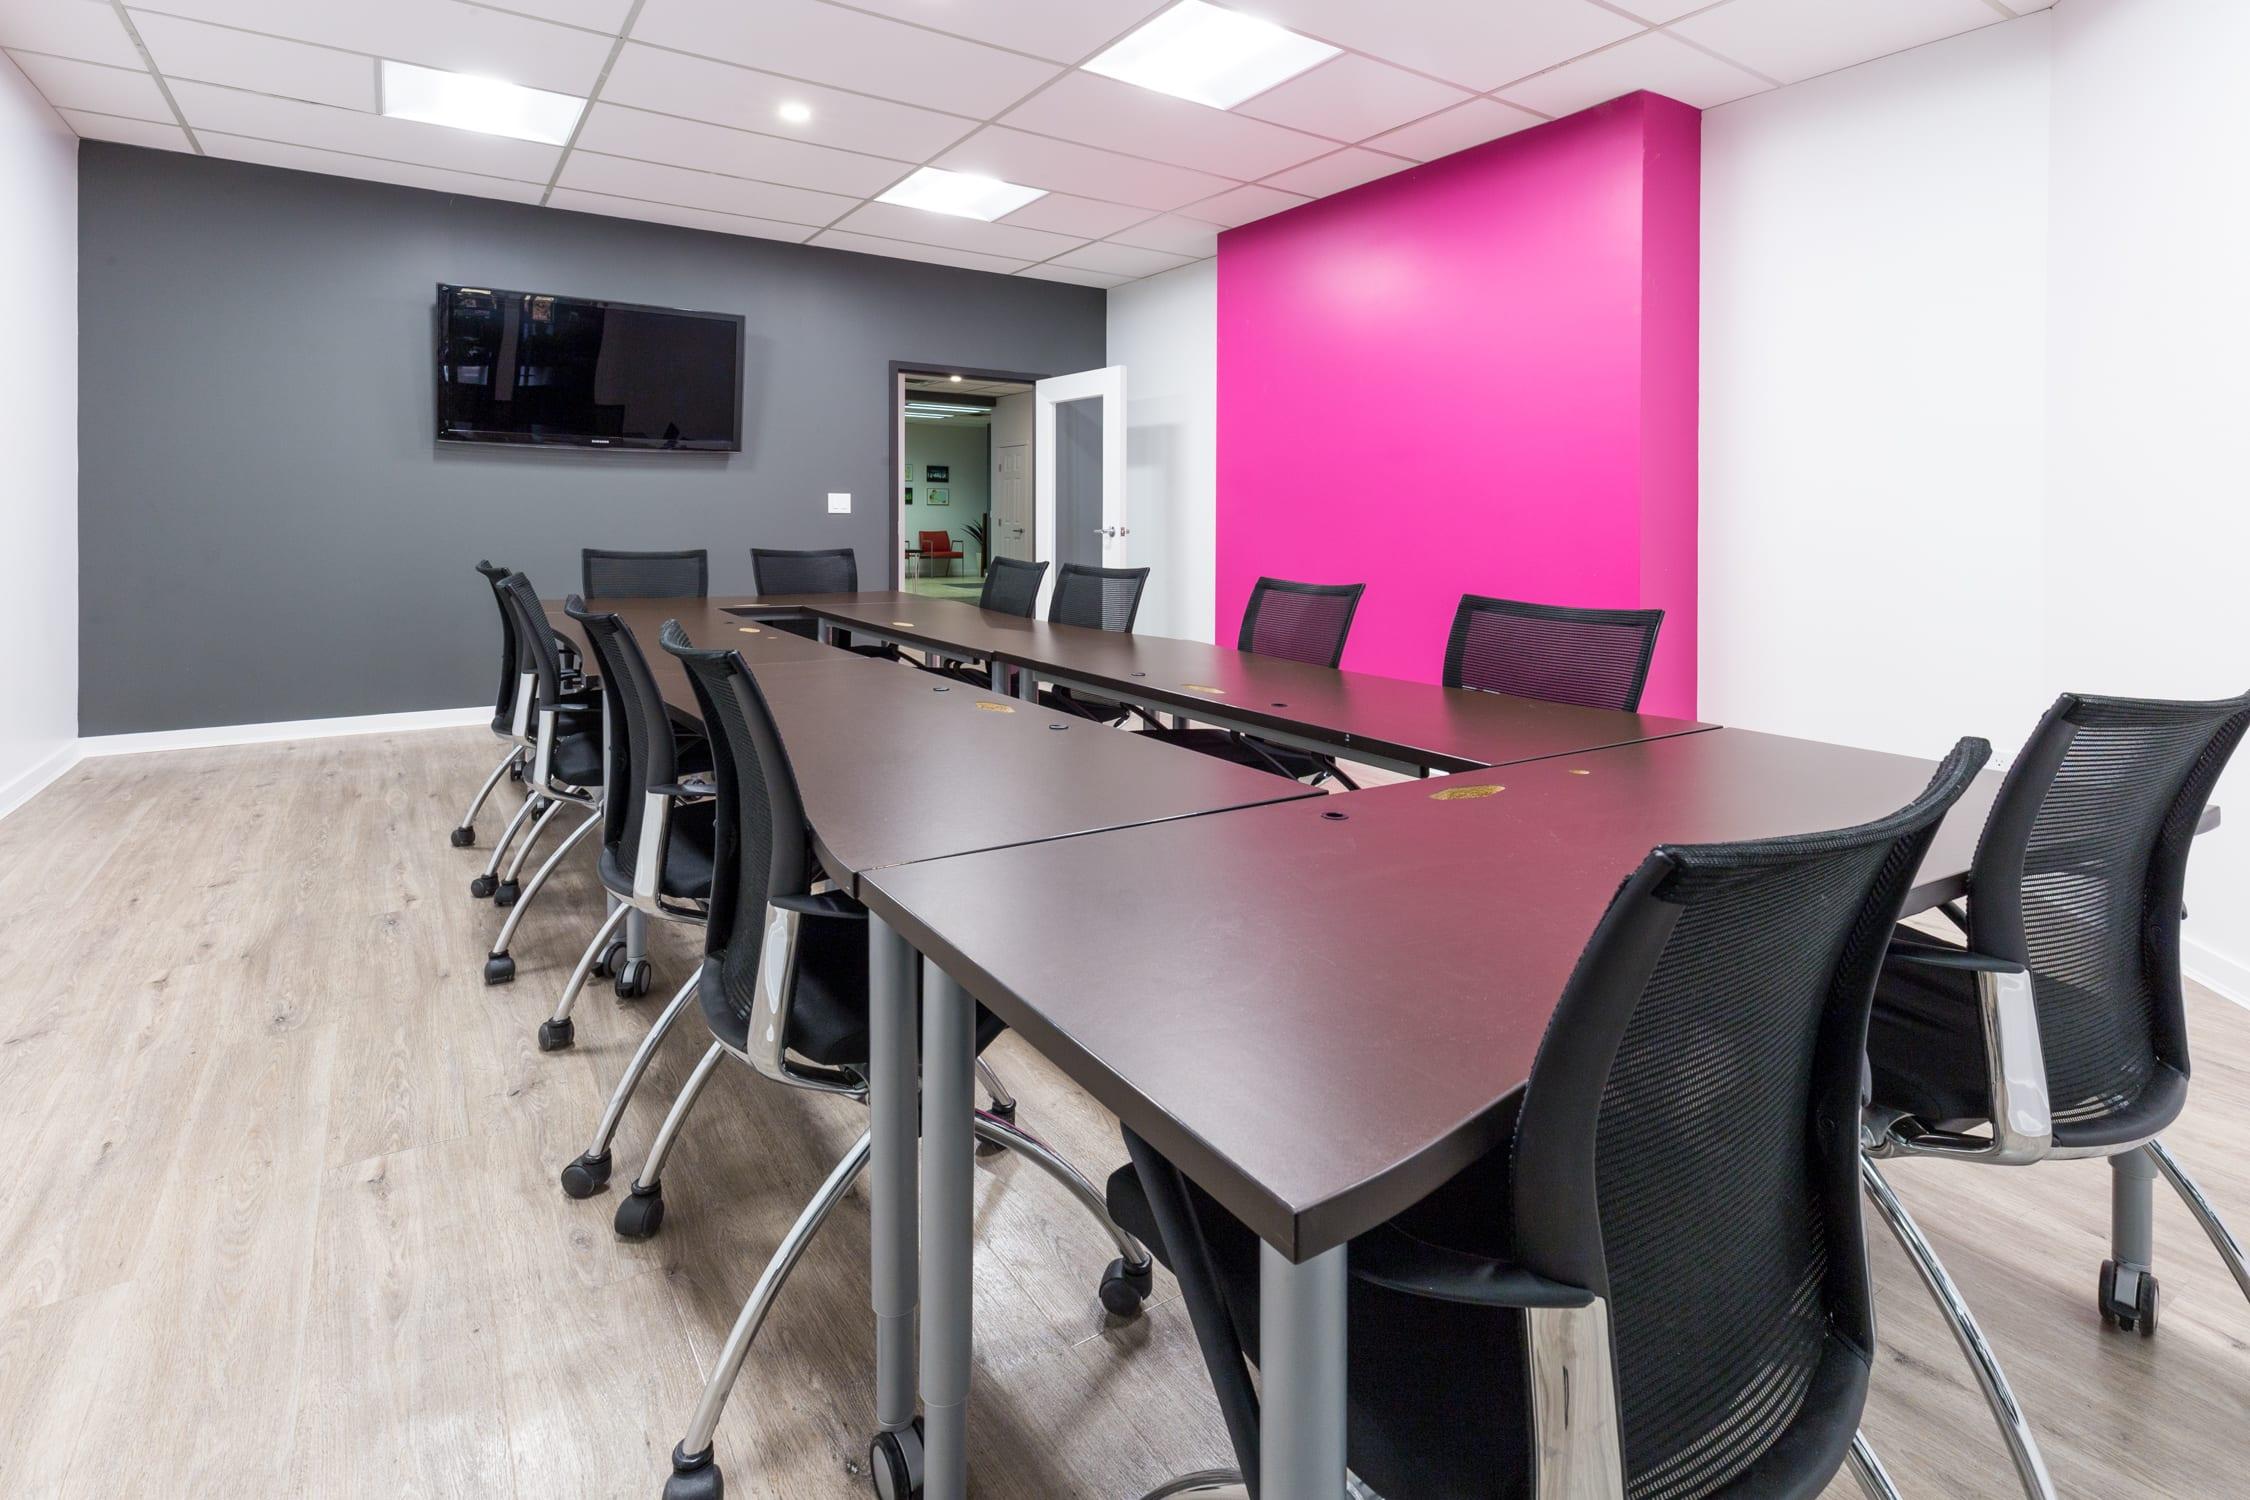 CoLab Community Coworking Rental Space - Meeting Room